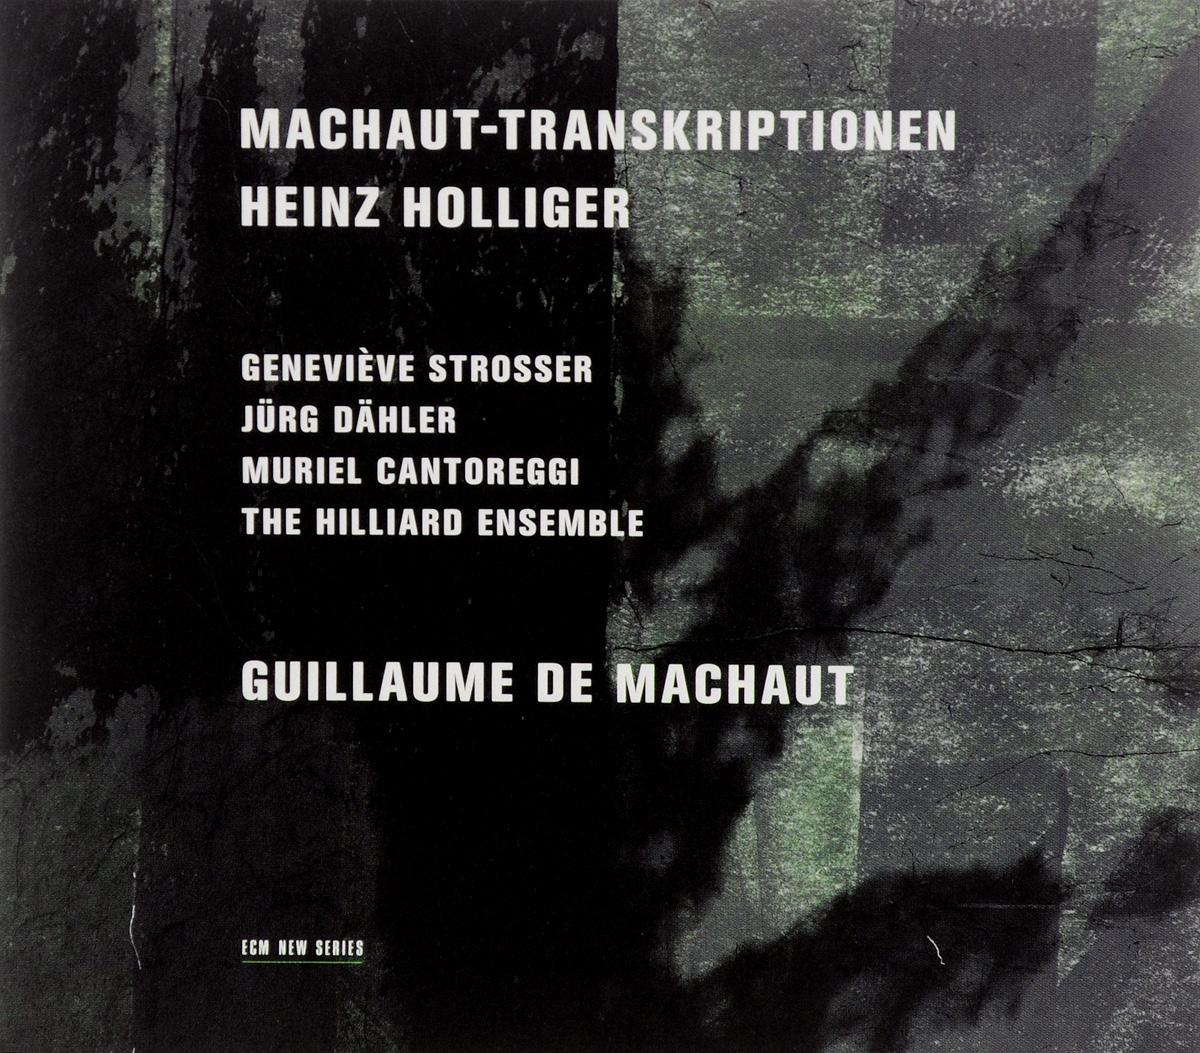 Muriel Cantoreggi, Jurg Dahler, The Hilliard Ensemble, Genevieve Strosser Heinz Holliger. Machaut - Transkriptionen недорого